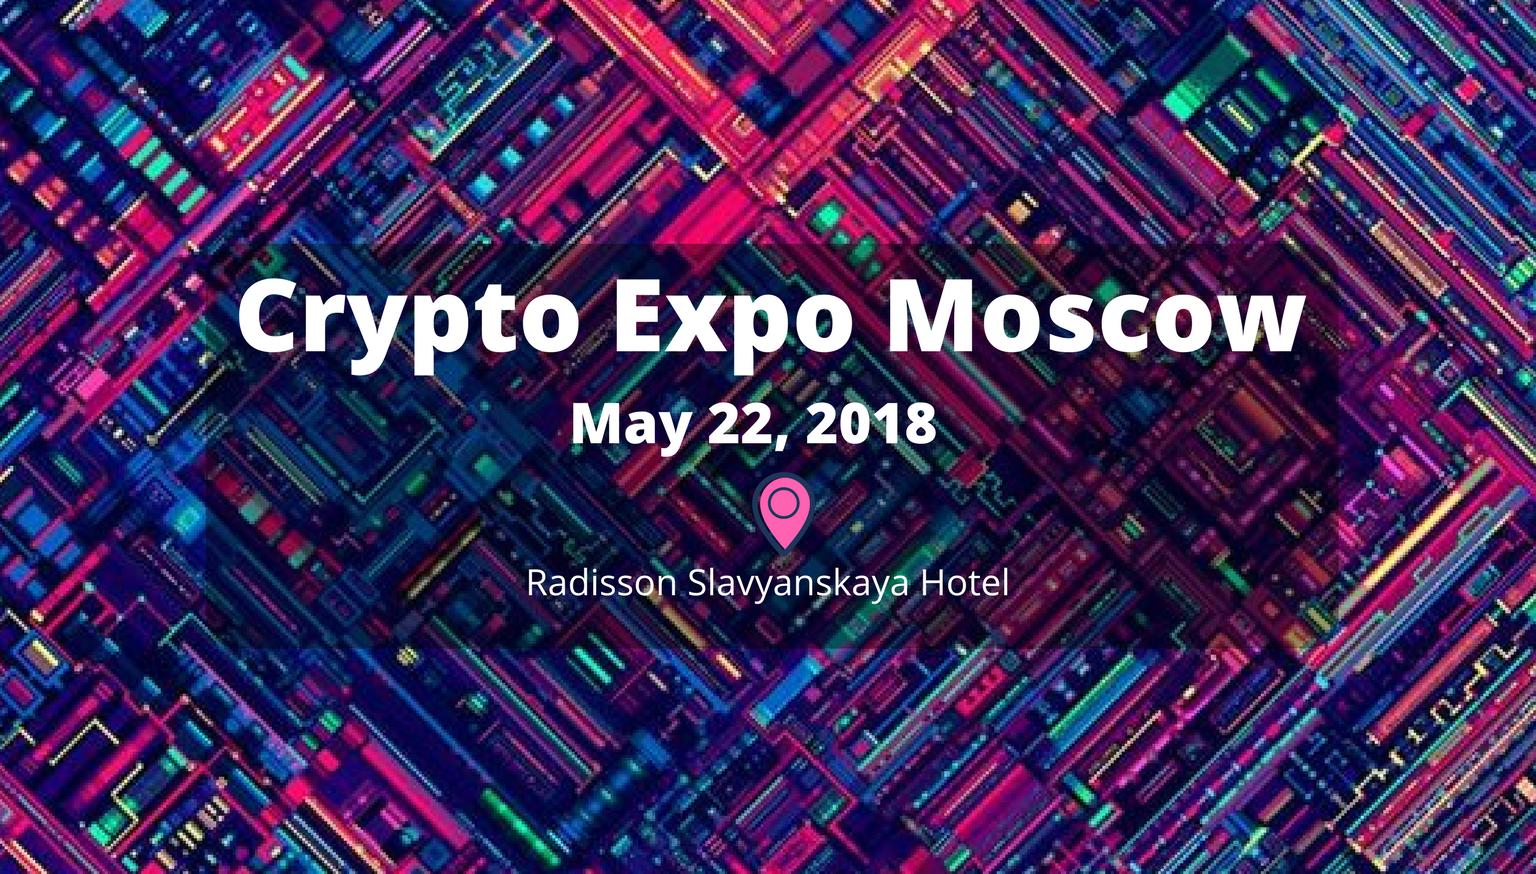 Crypto Expo